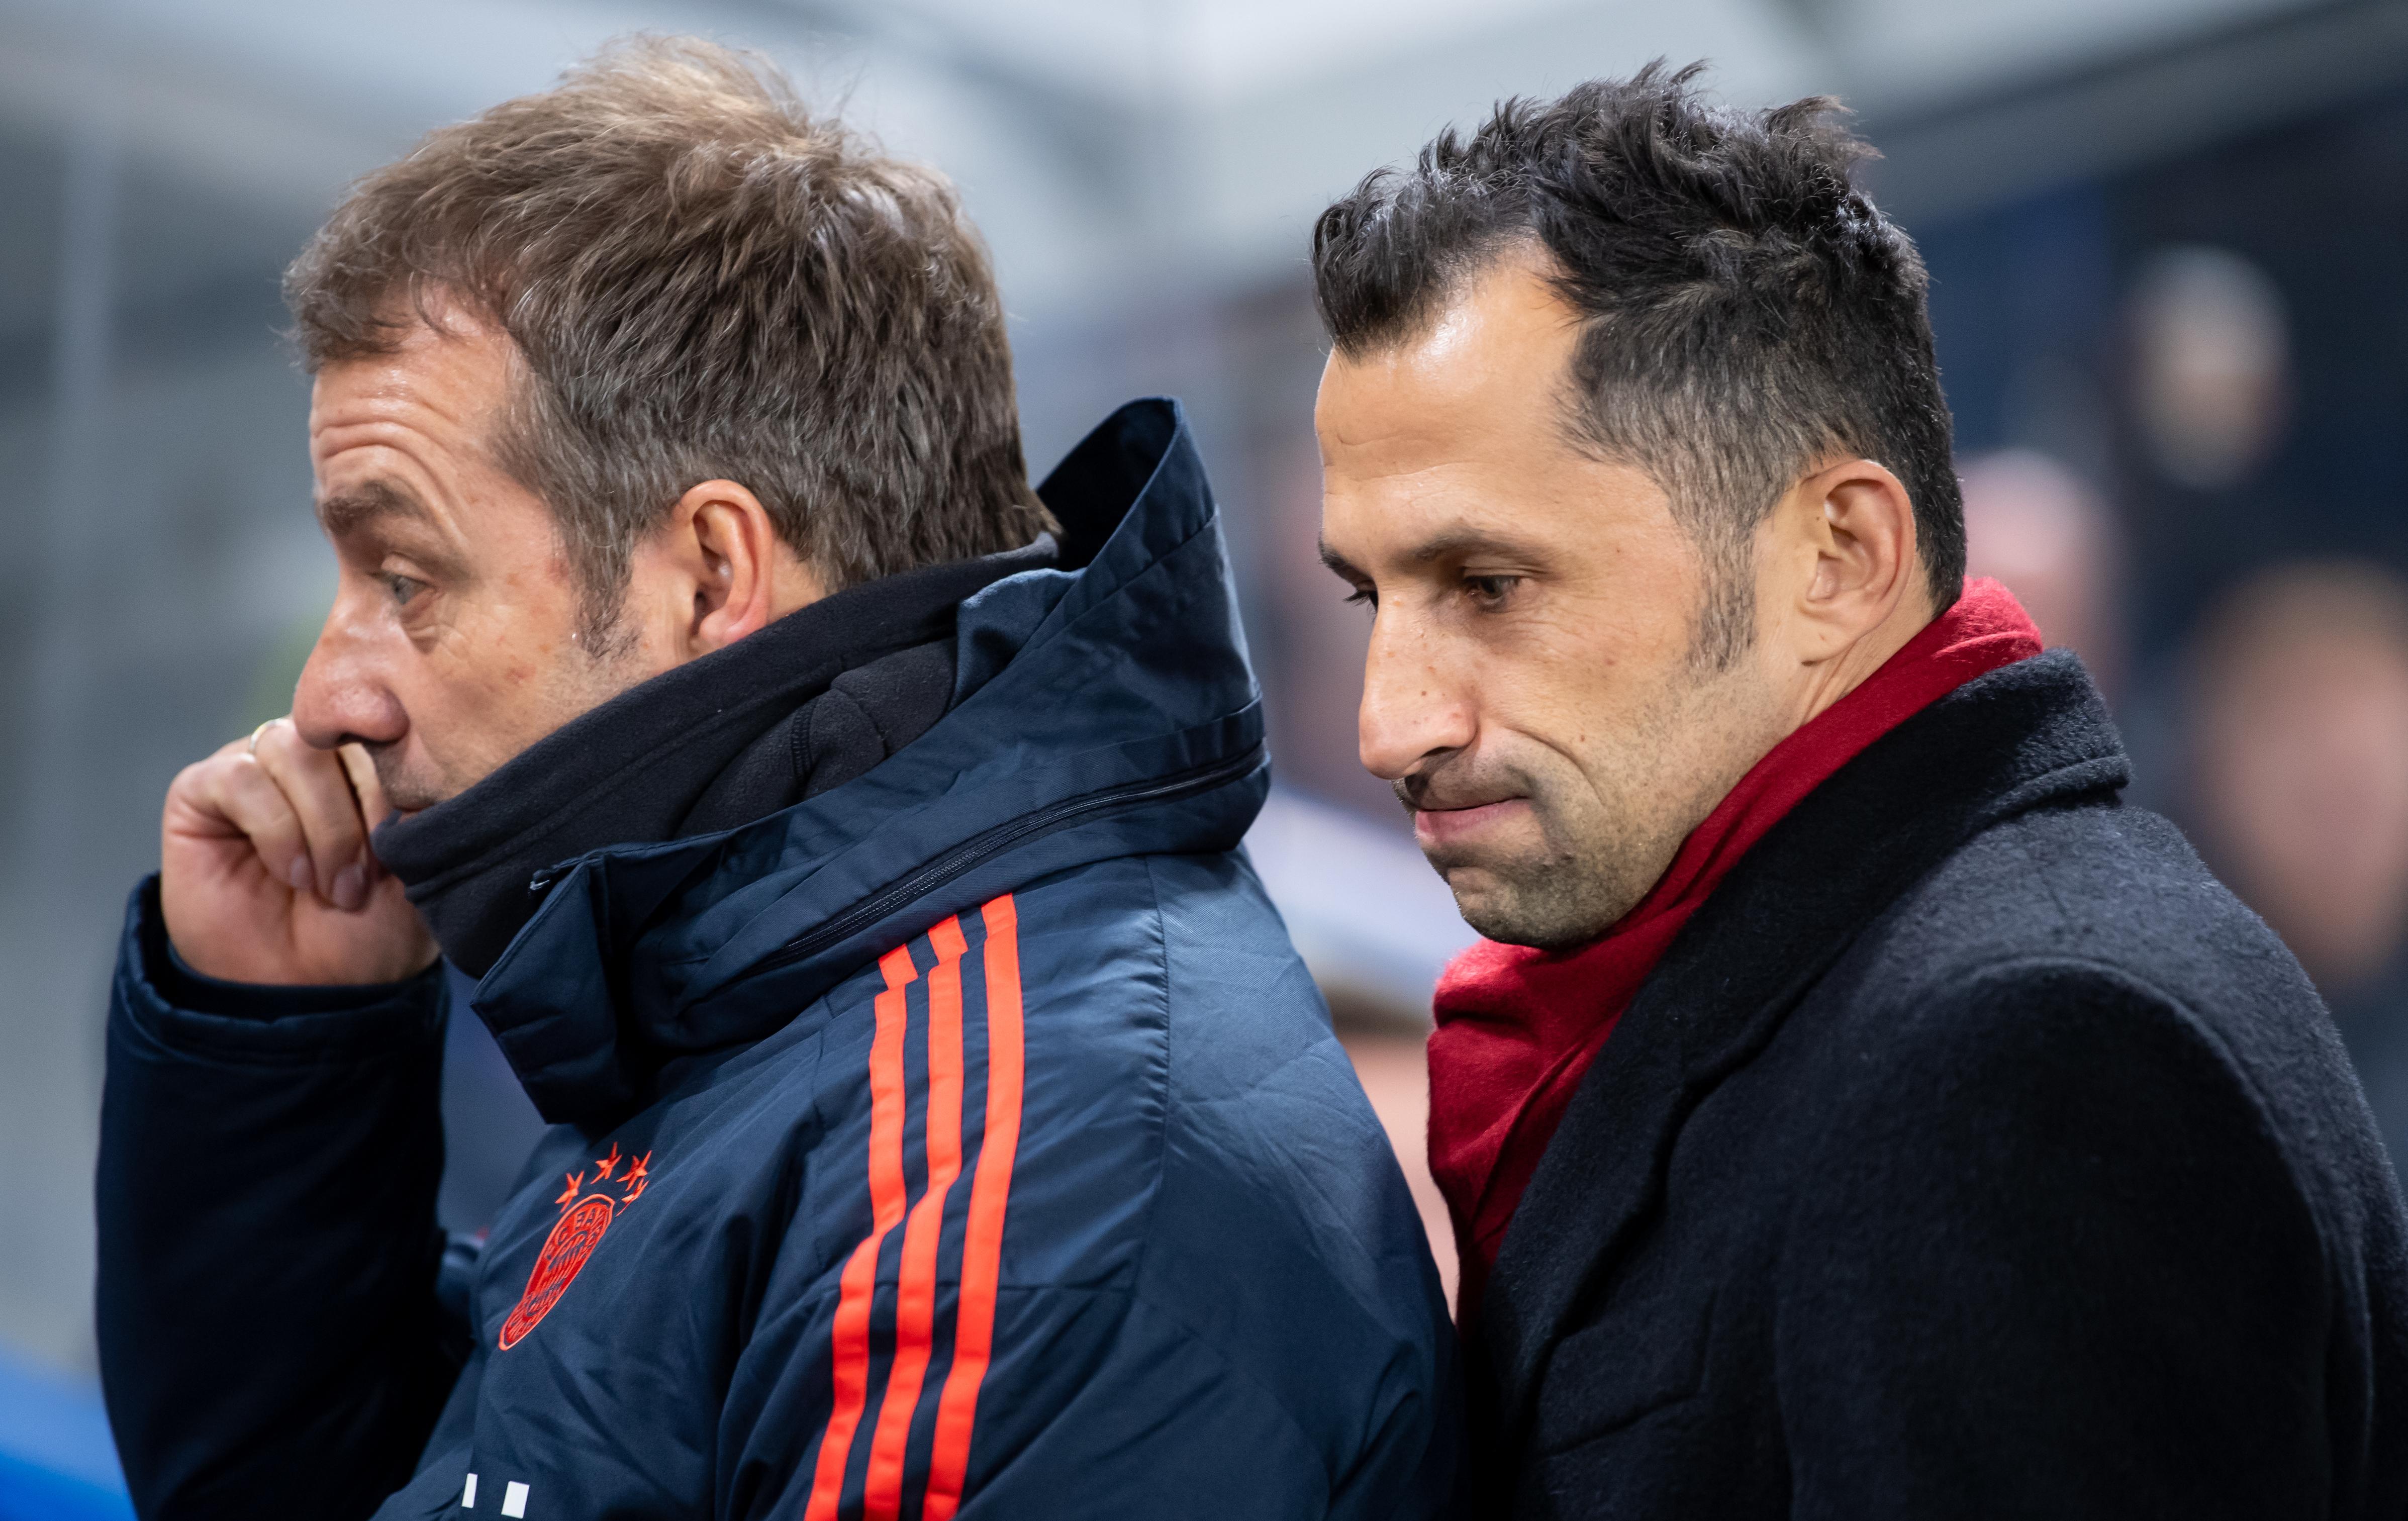 Das hört man beim FC Bayern wohl ungern: Dayot Upamecano könnte seinen Wechselwunsch überdenken.